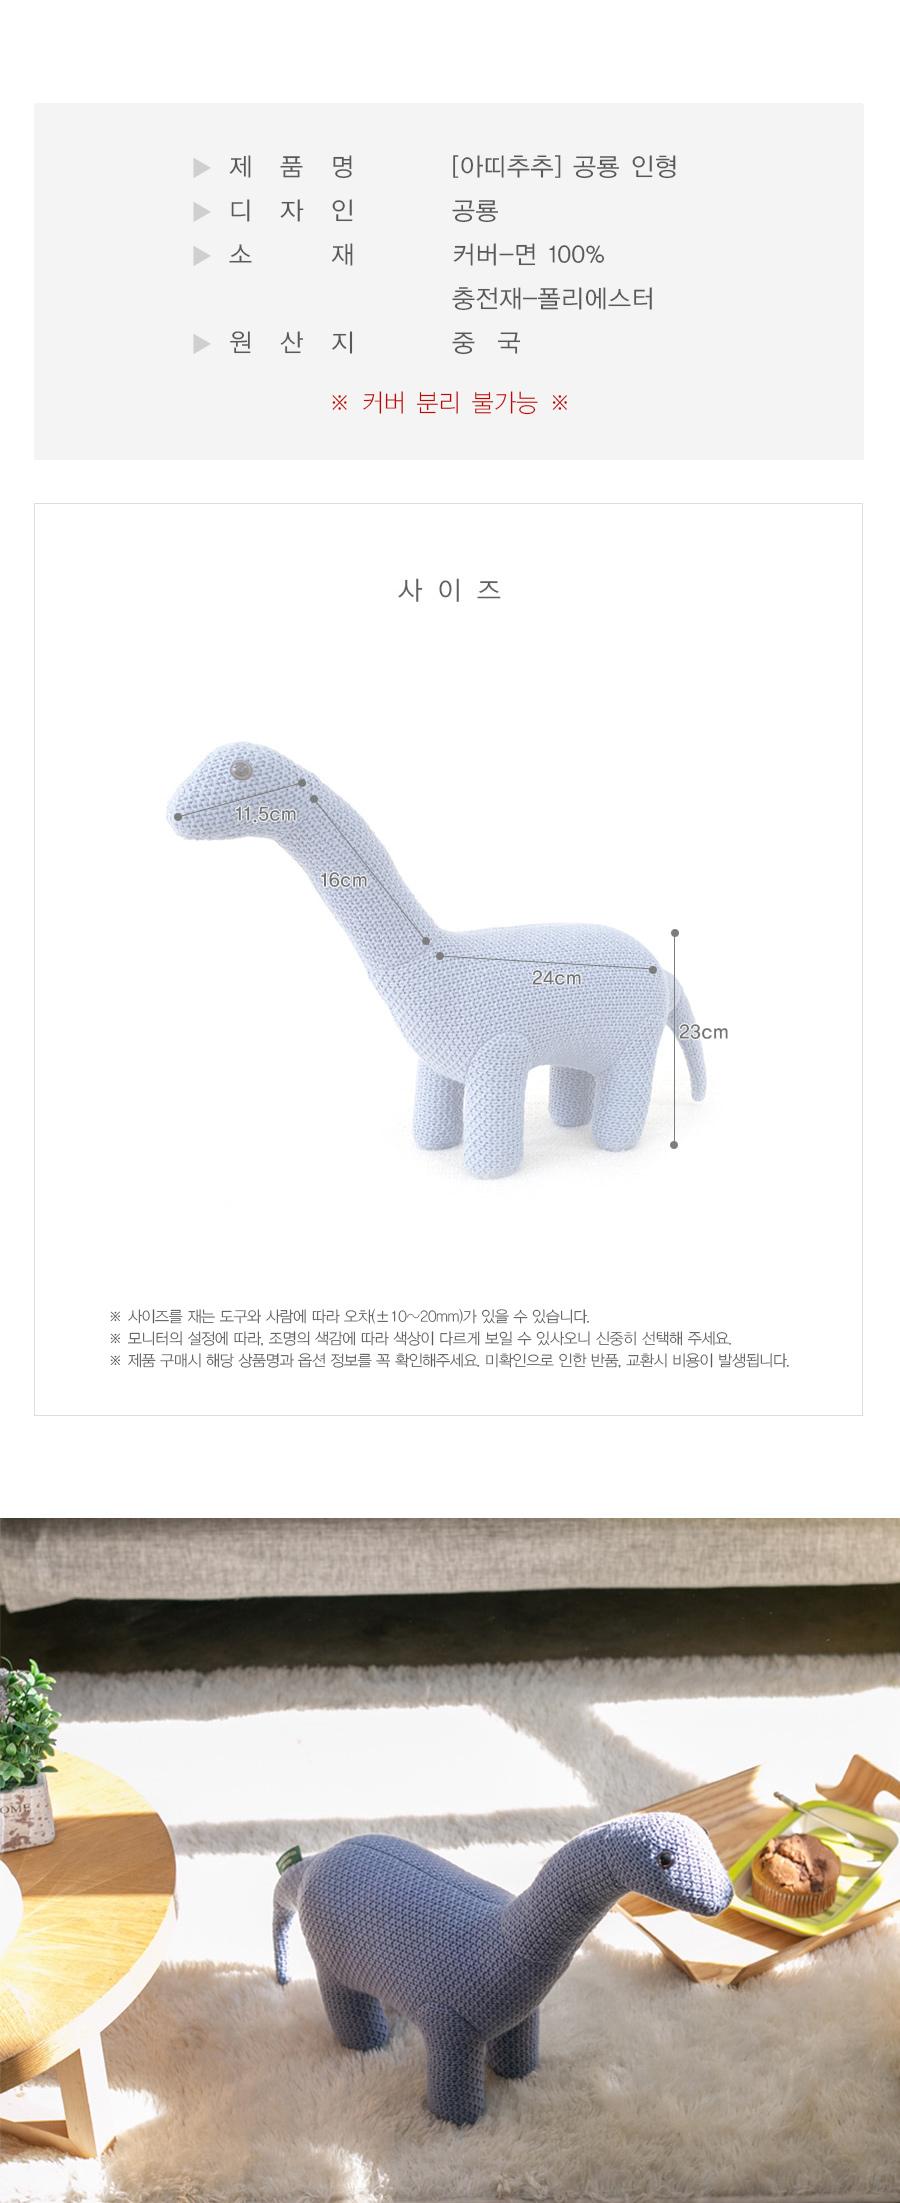 02-2_info_dinosaur.jpg